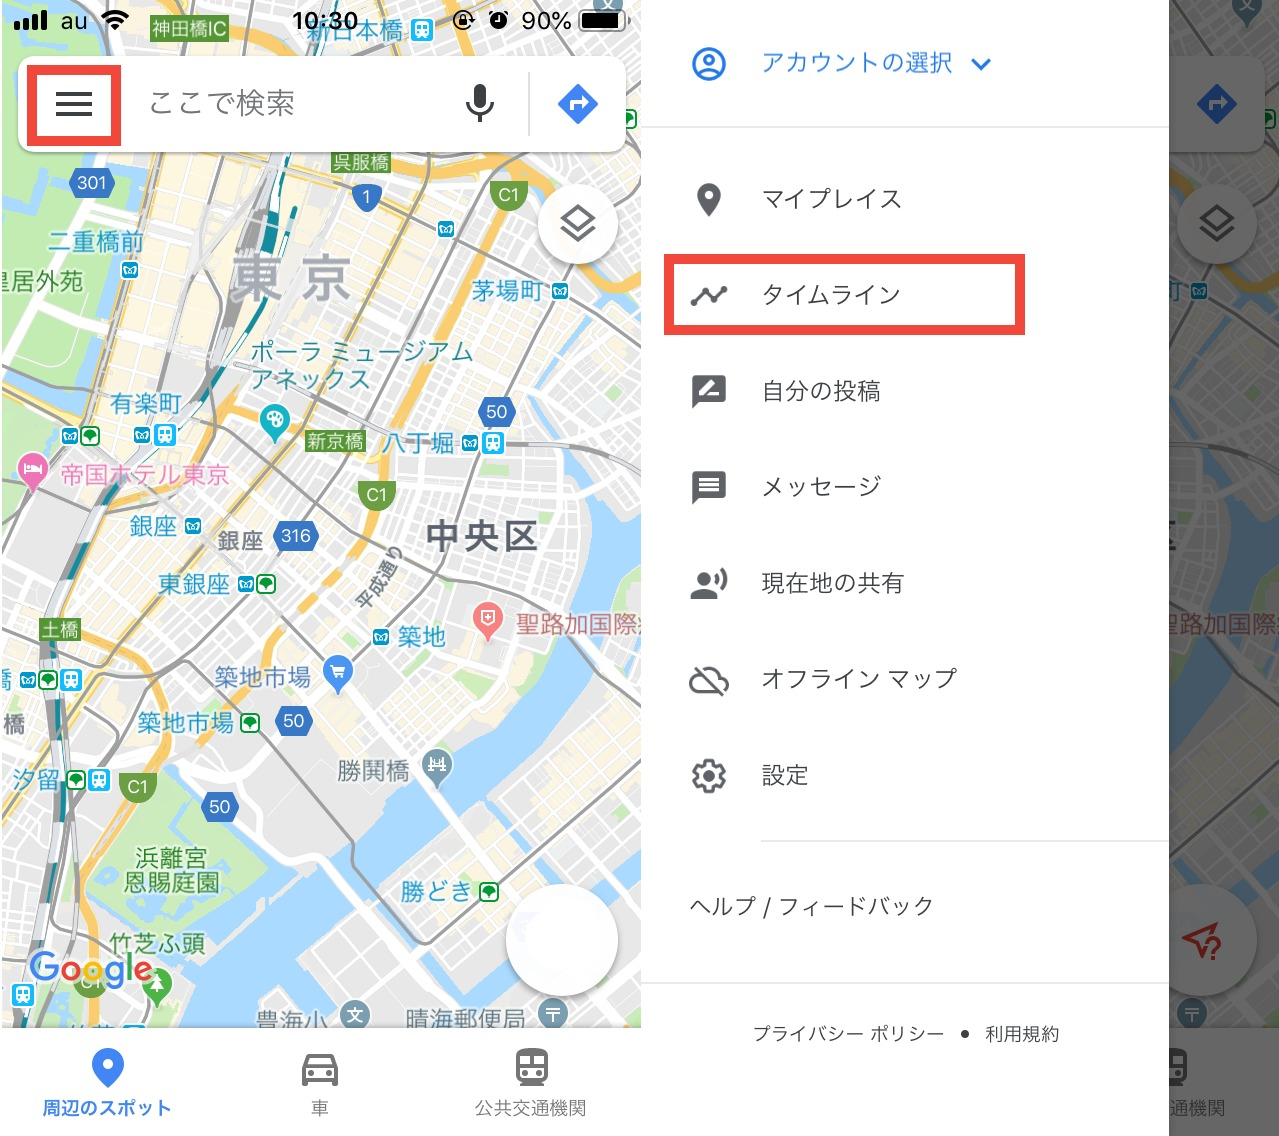 グーグルマップタイムライン機能